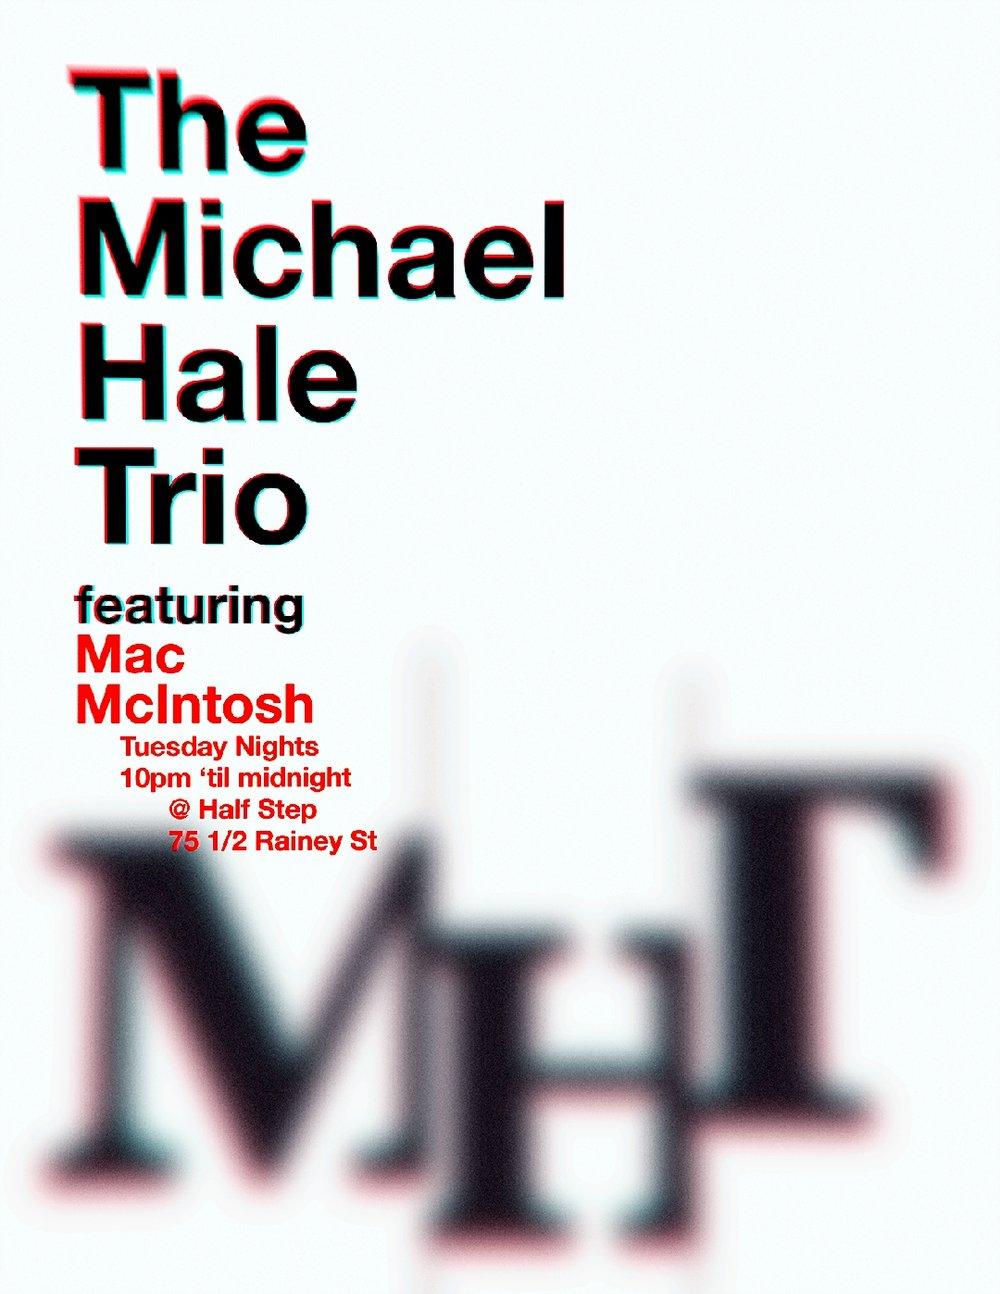 MHQ_halfstep_blur_bend_1522828908604_001.png